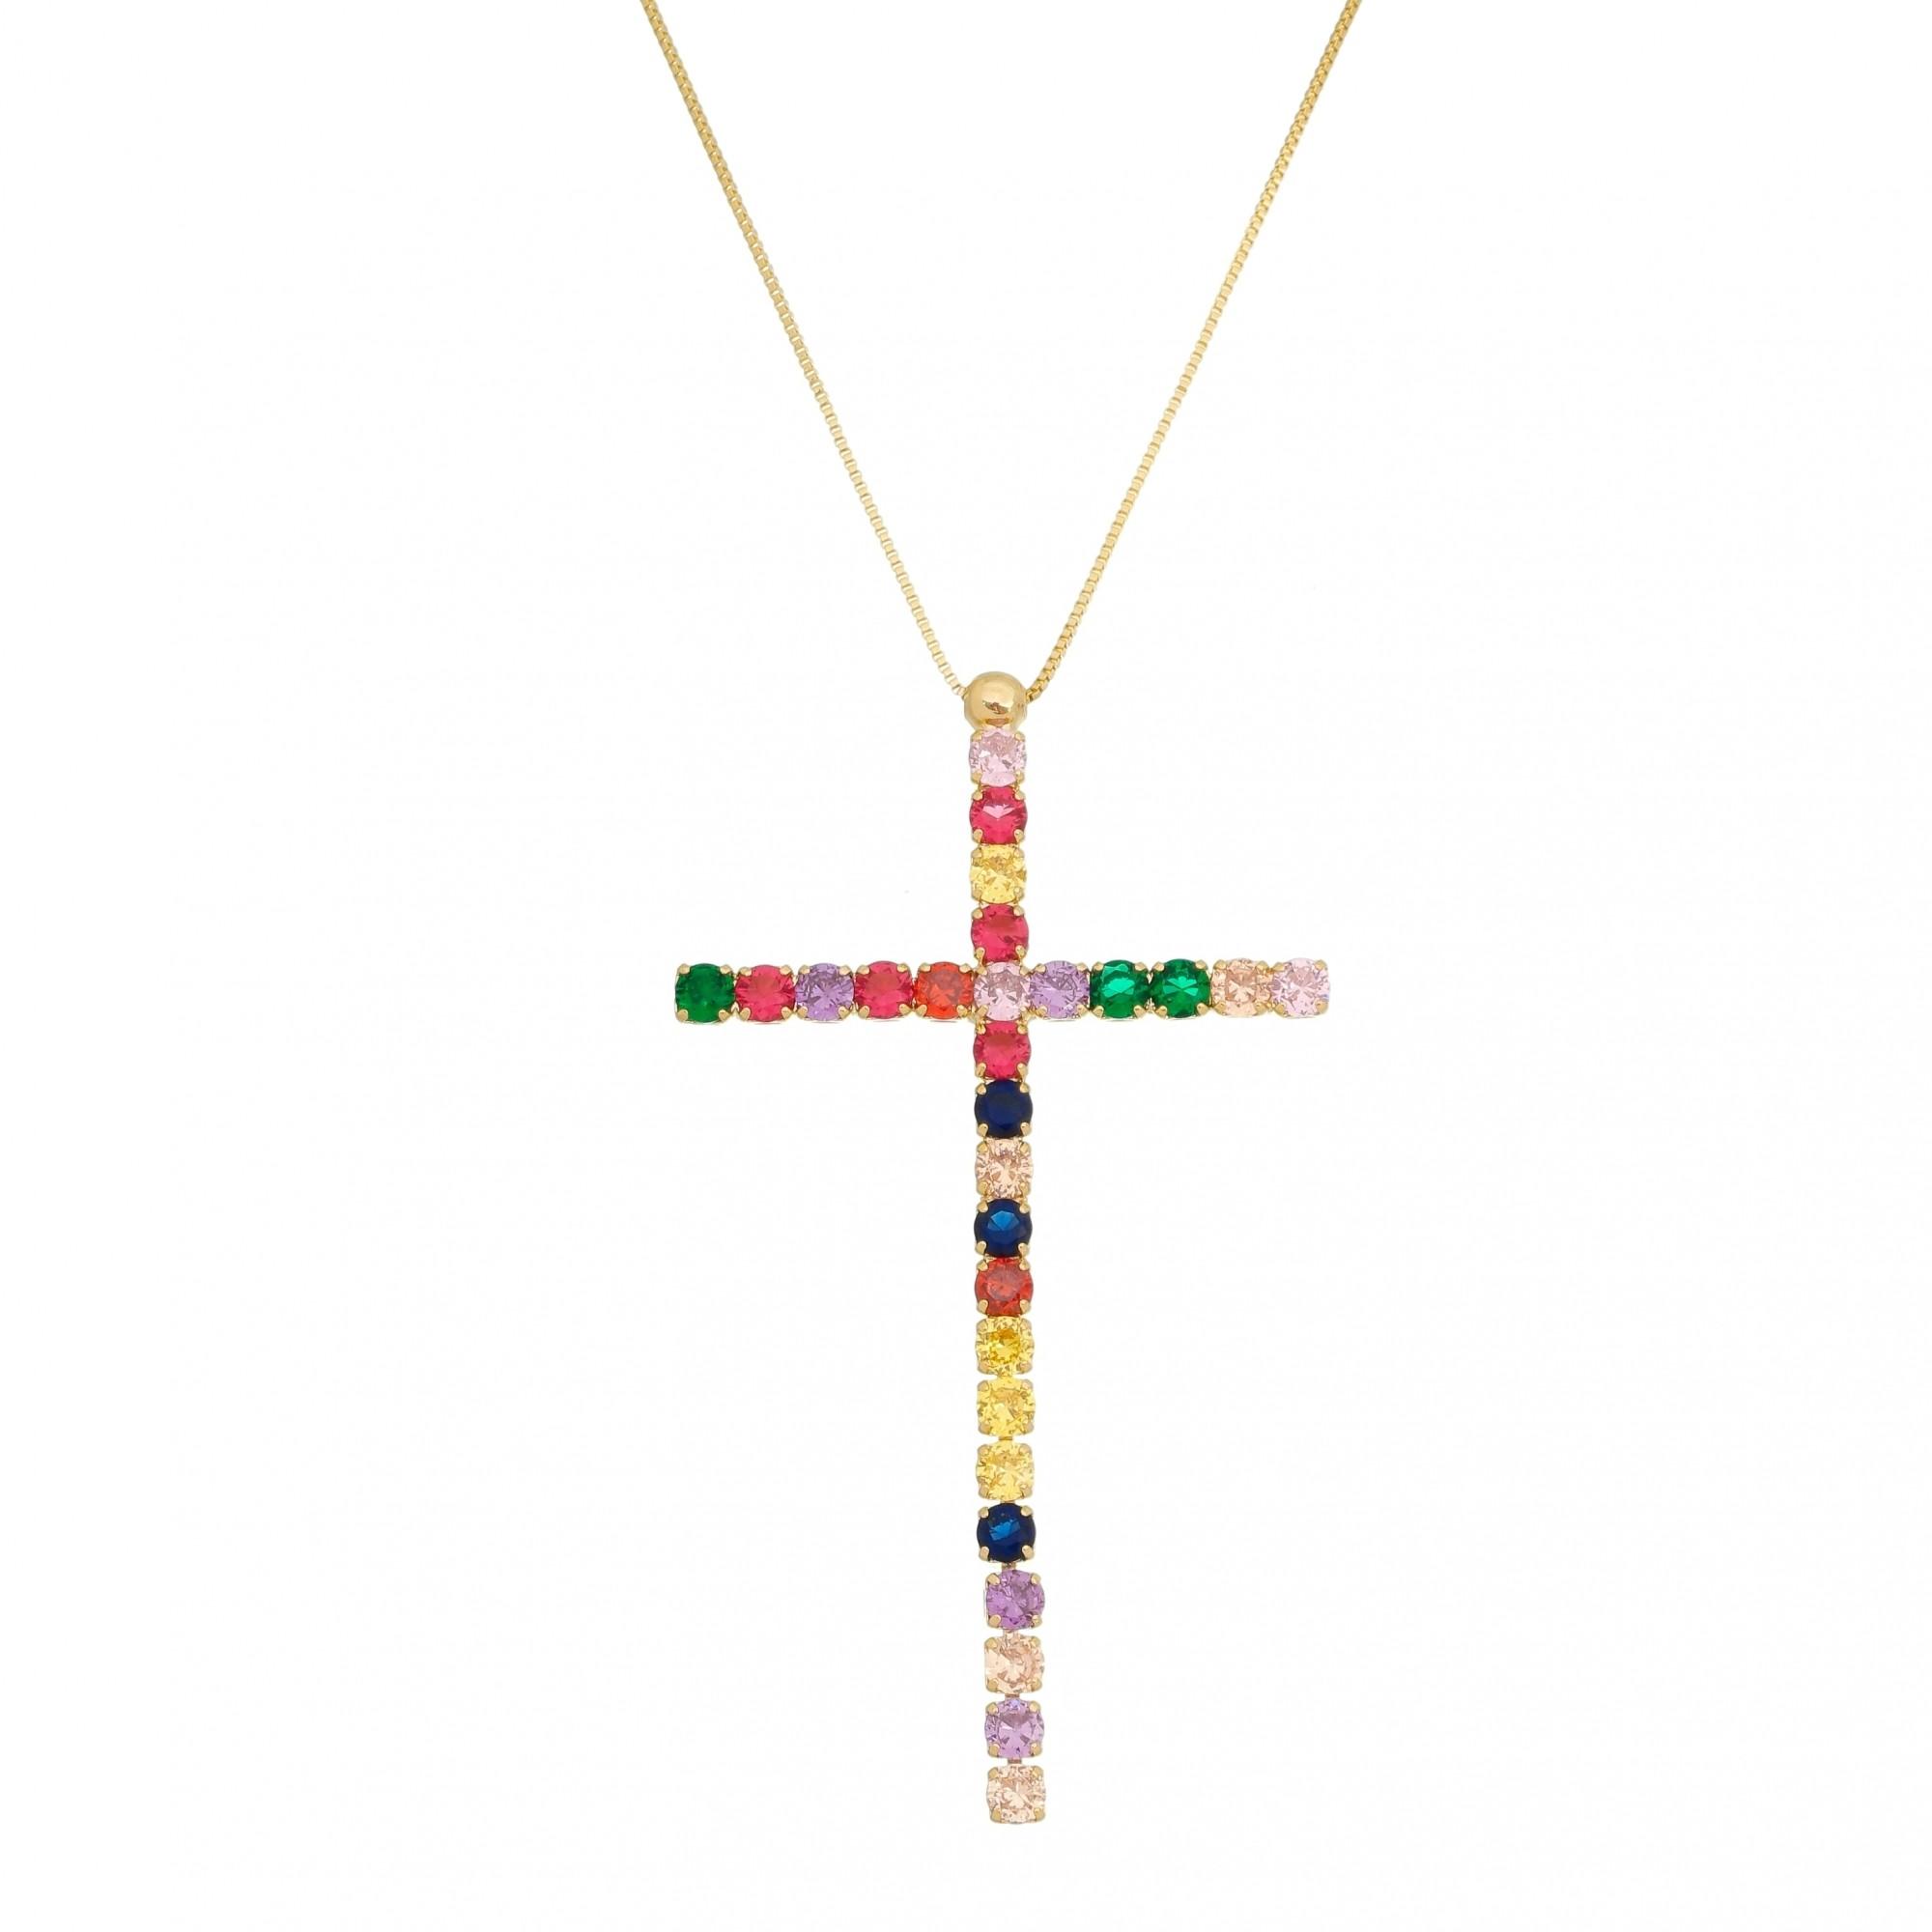 Colar Crucifixo Colors Maleável Banhado em Ouro 18K